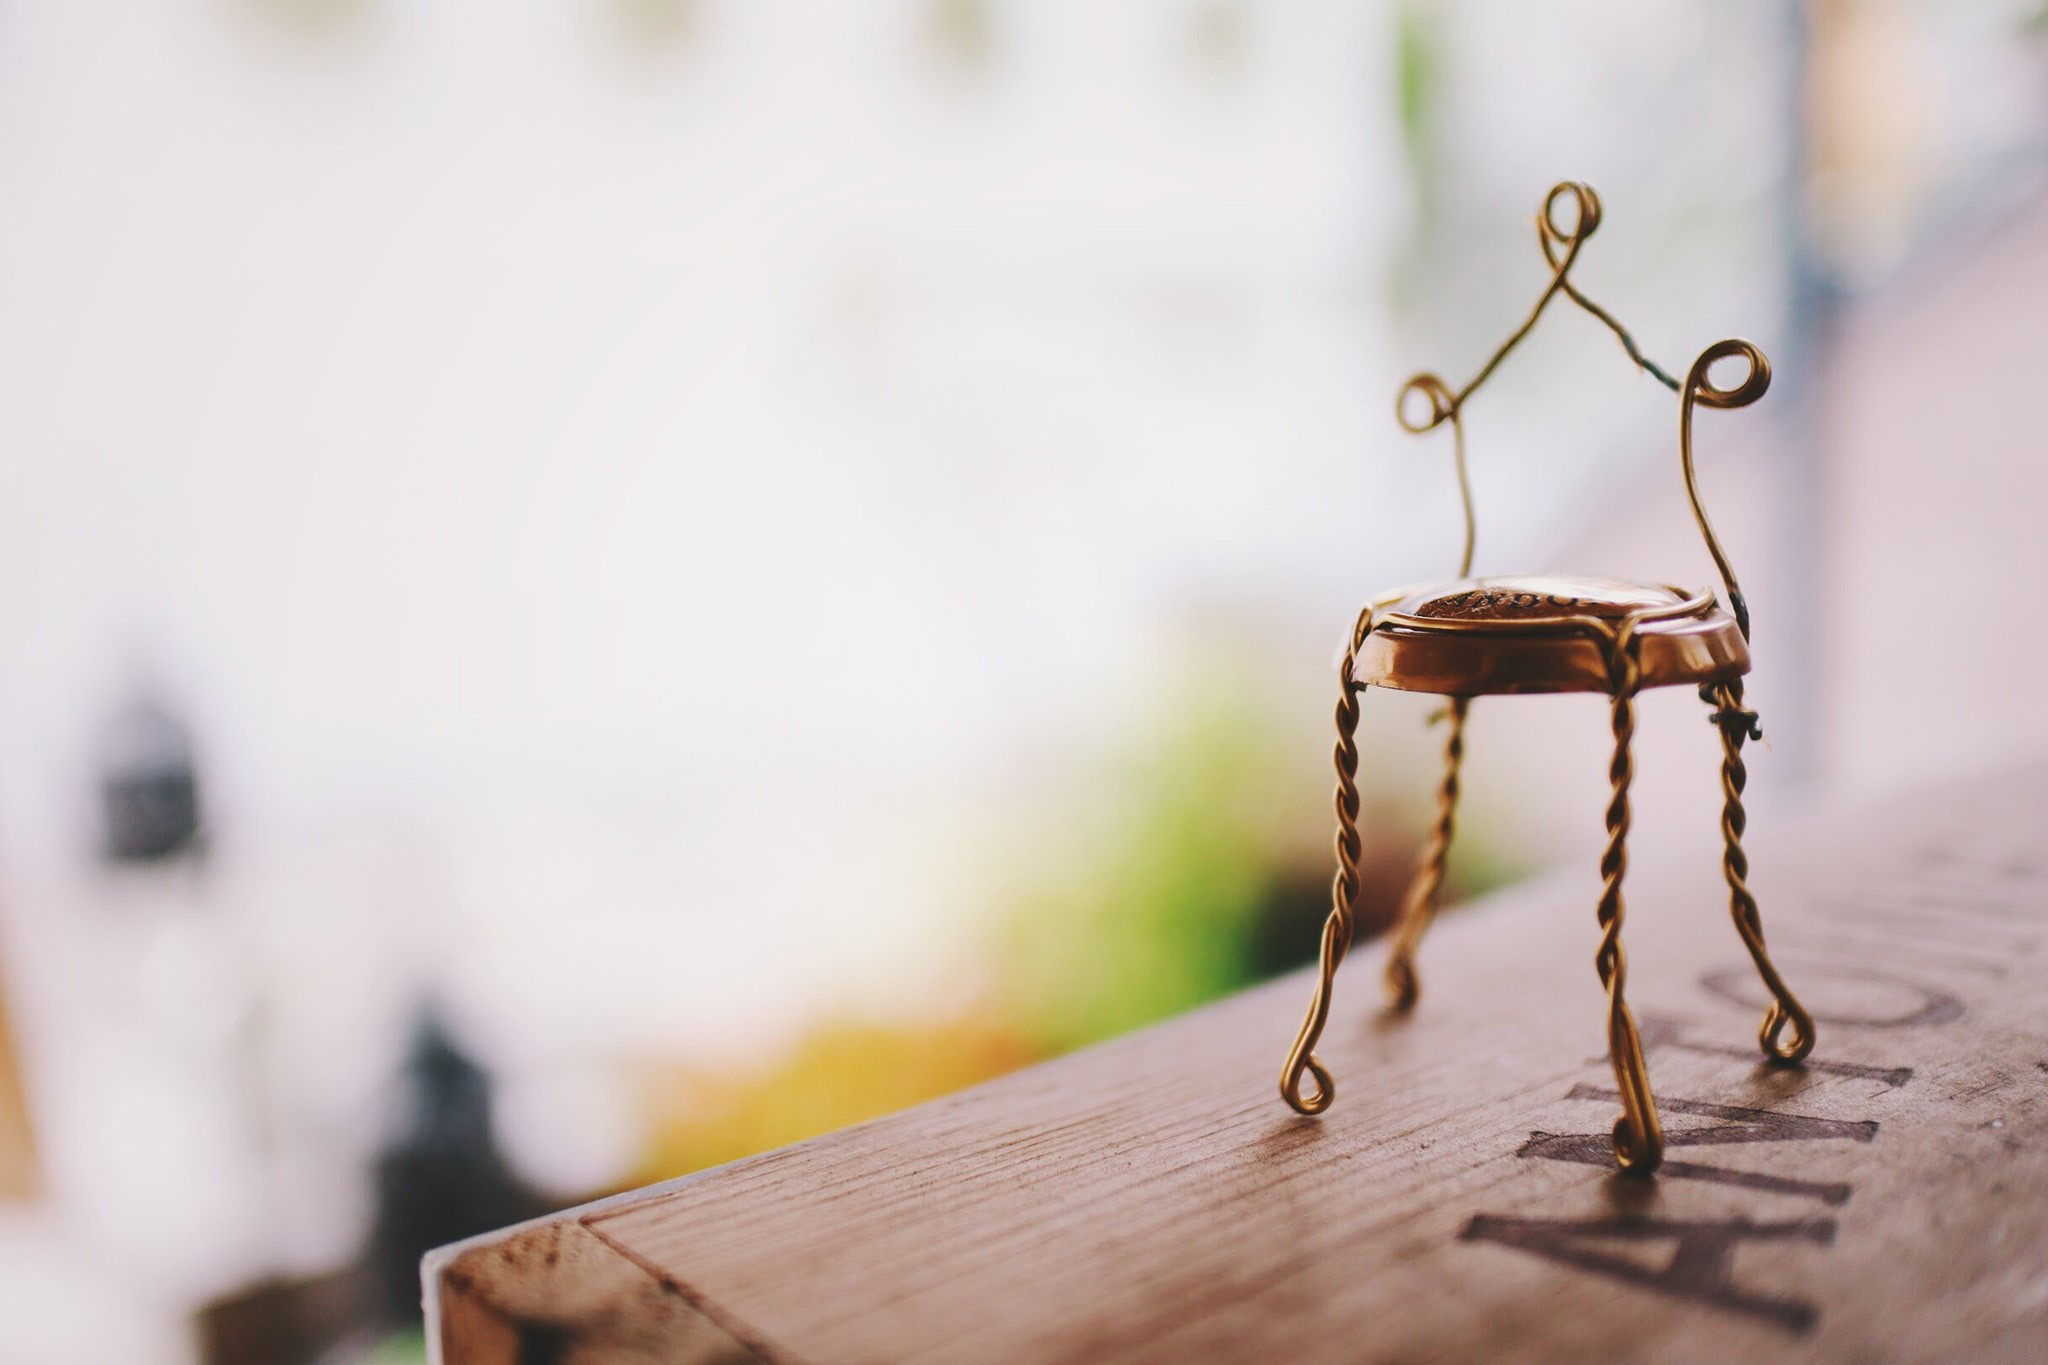 木製のテーブルの上に針金の小さな椅子の写真